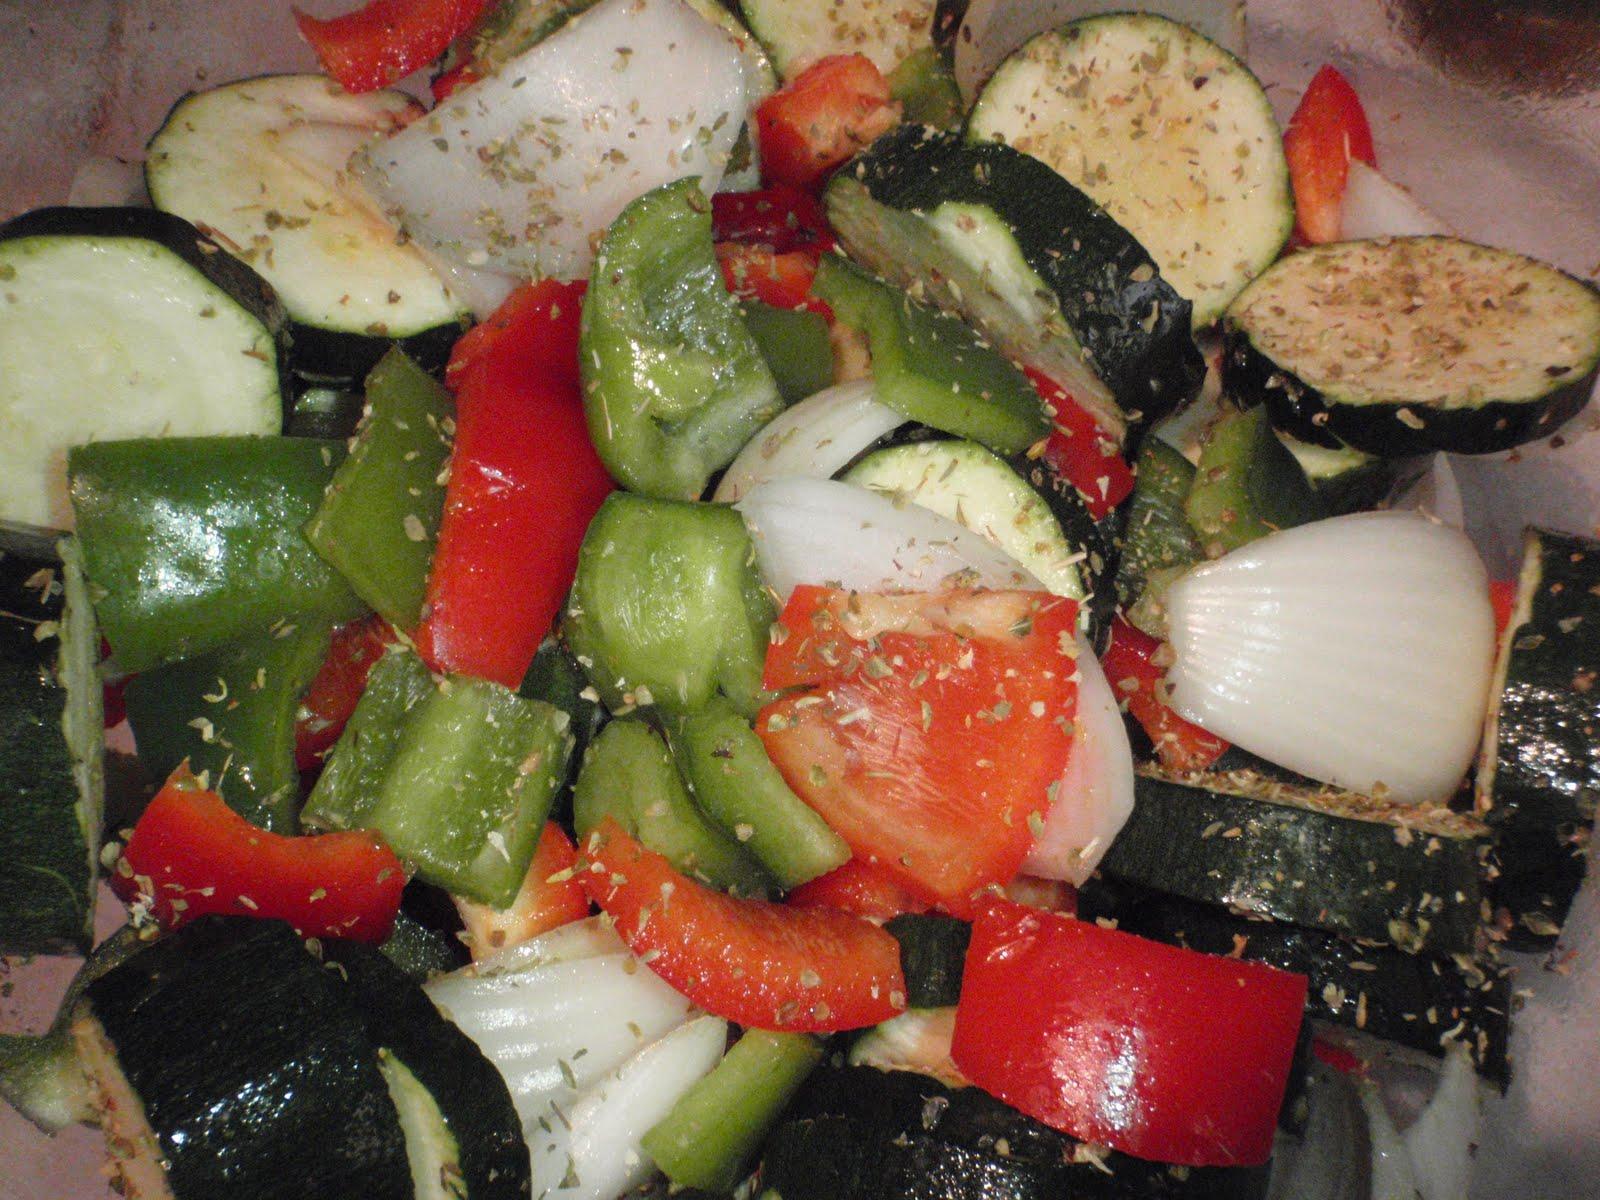 Mon carnet de cuisine legumes d 39 ete a la plancha for Legumes a la plancha